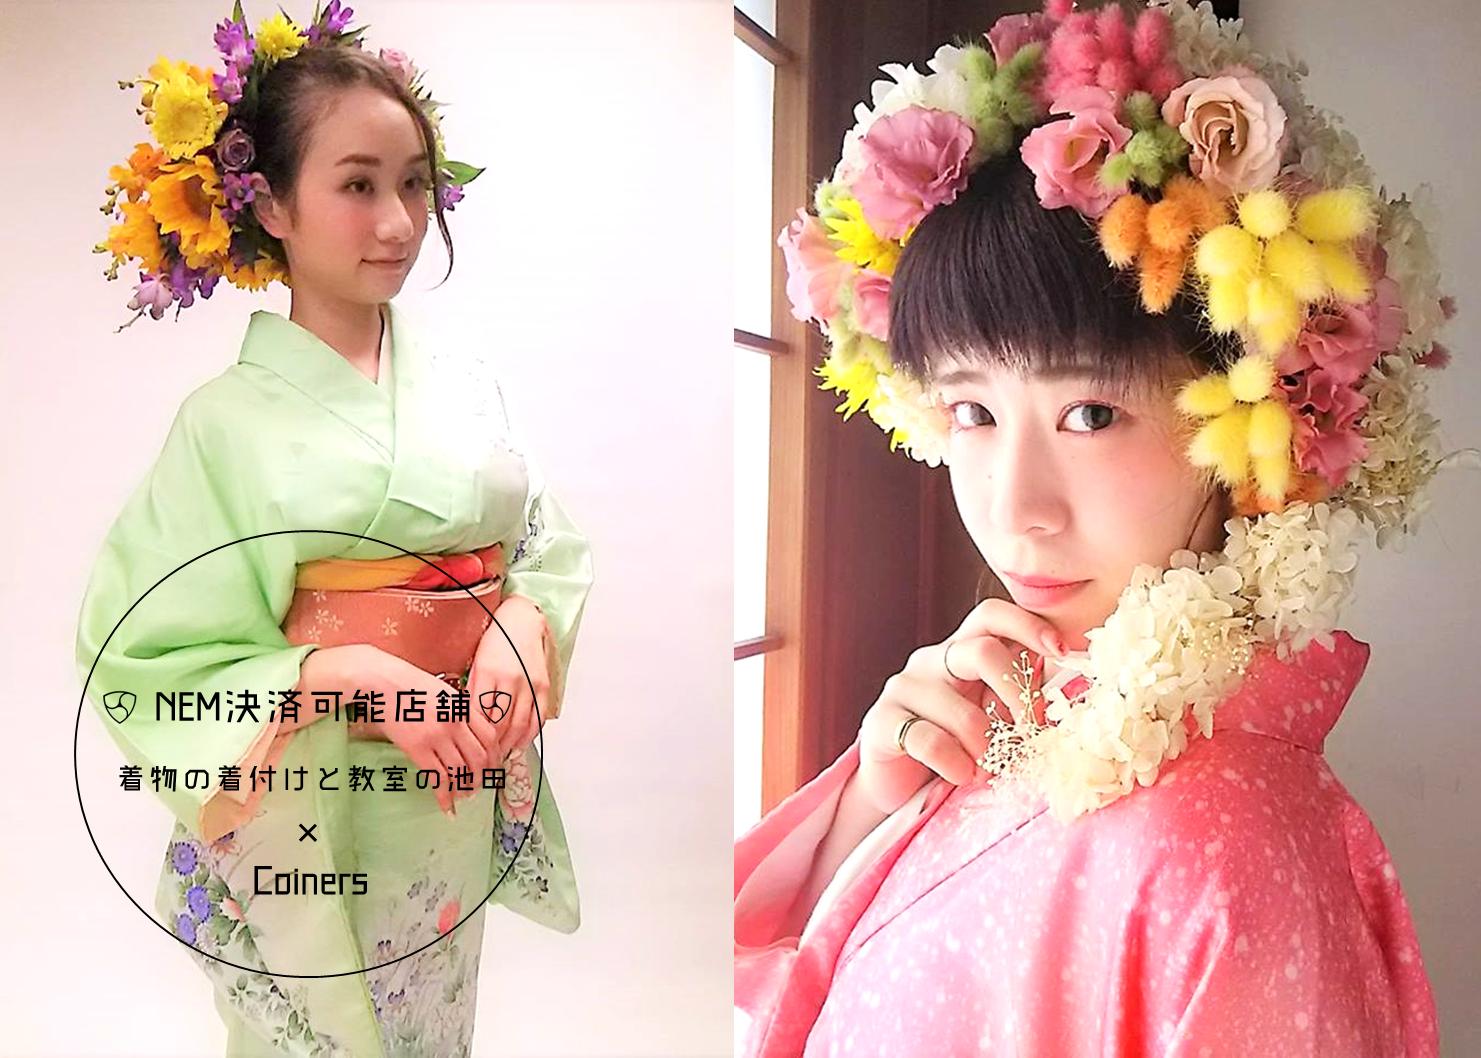 着物と着付けと教室の池田、池田知美さんのネム払い導入のインタビュー